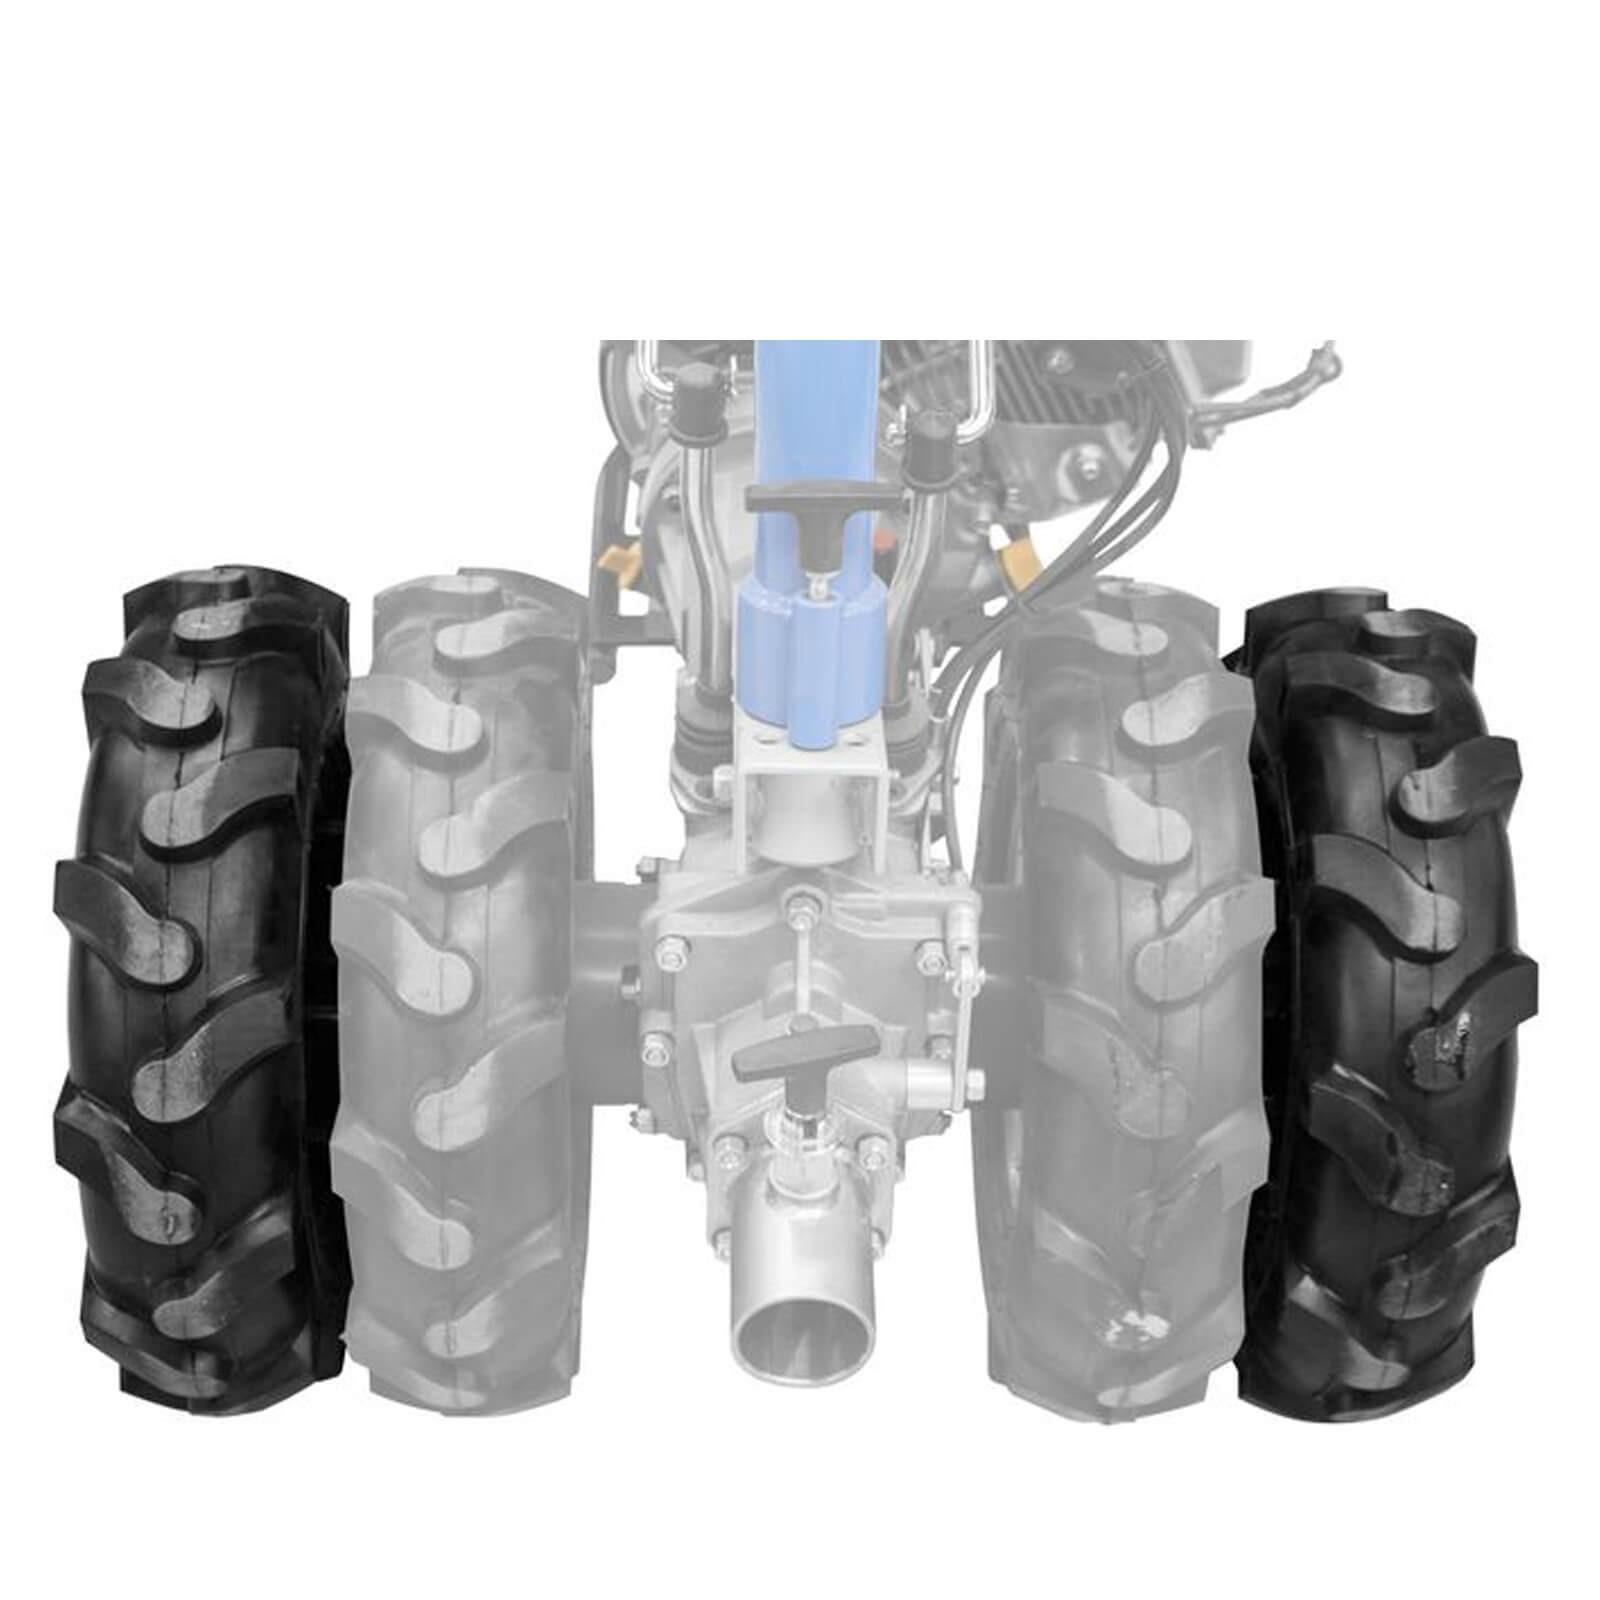 Güde Radsatz GDB 62 für Motoreinachser GME 6,5 PS Einachsschlepper Einachser 95182